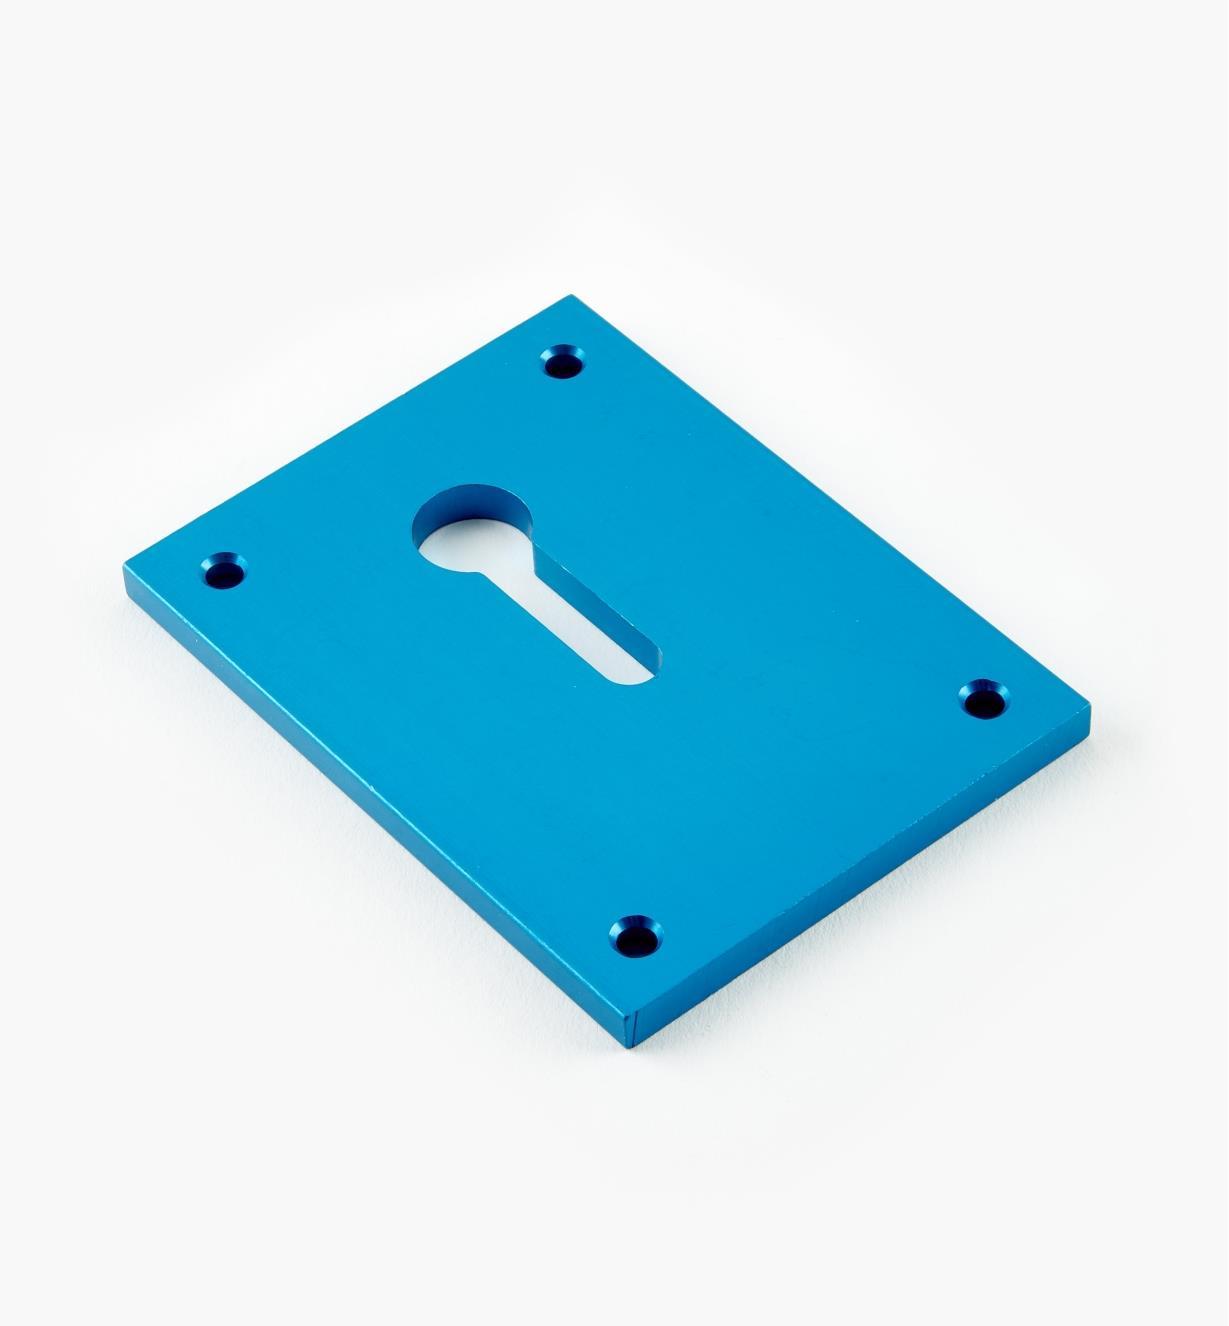 86N4076 - Mounting Plate